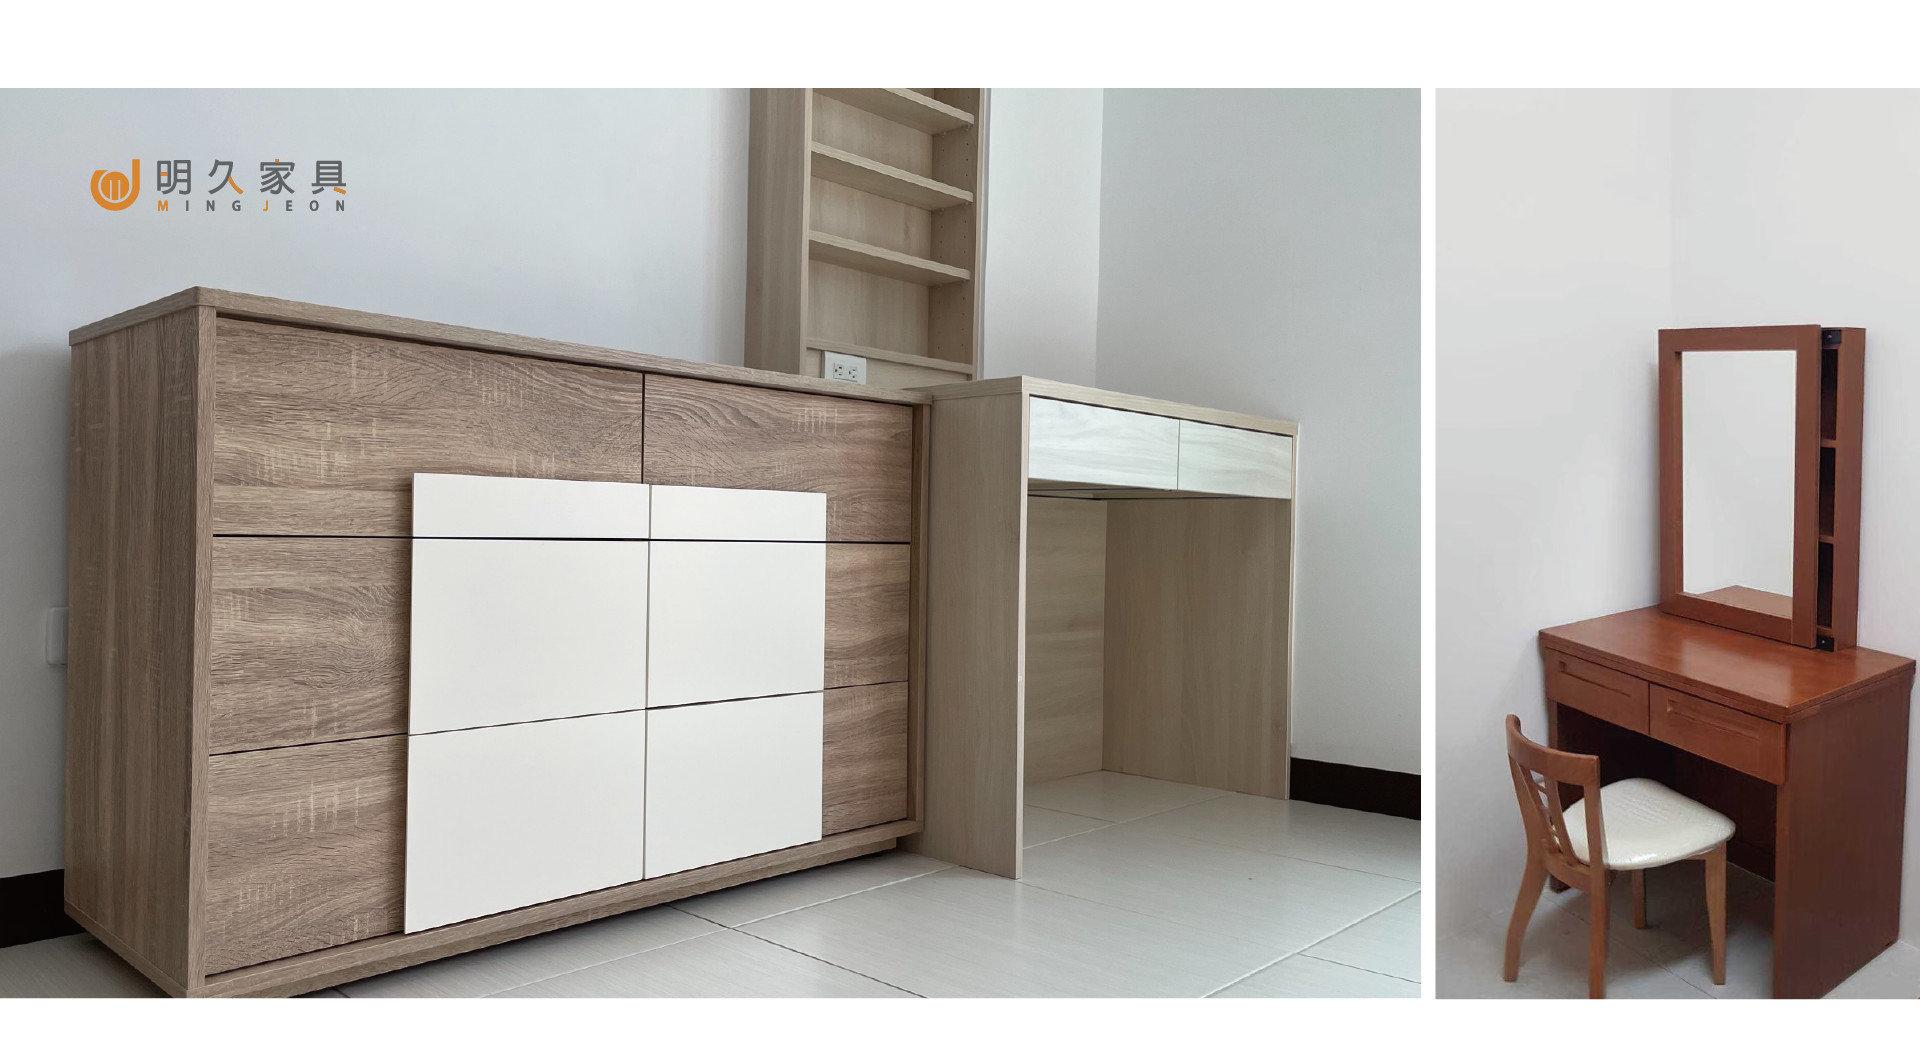 床組相關櫃體:衣櫃、床頭櫃、床頭、床底、書櫃、收納櫃